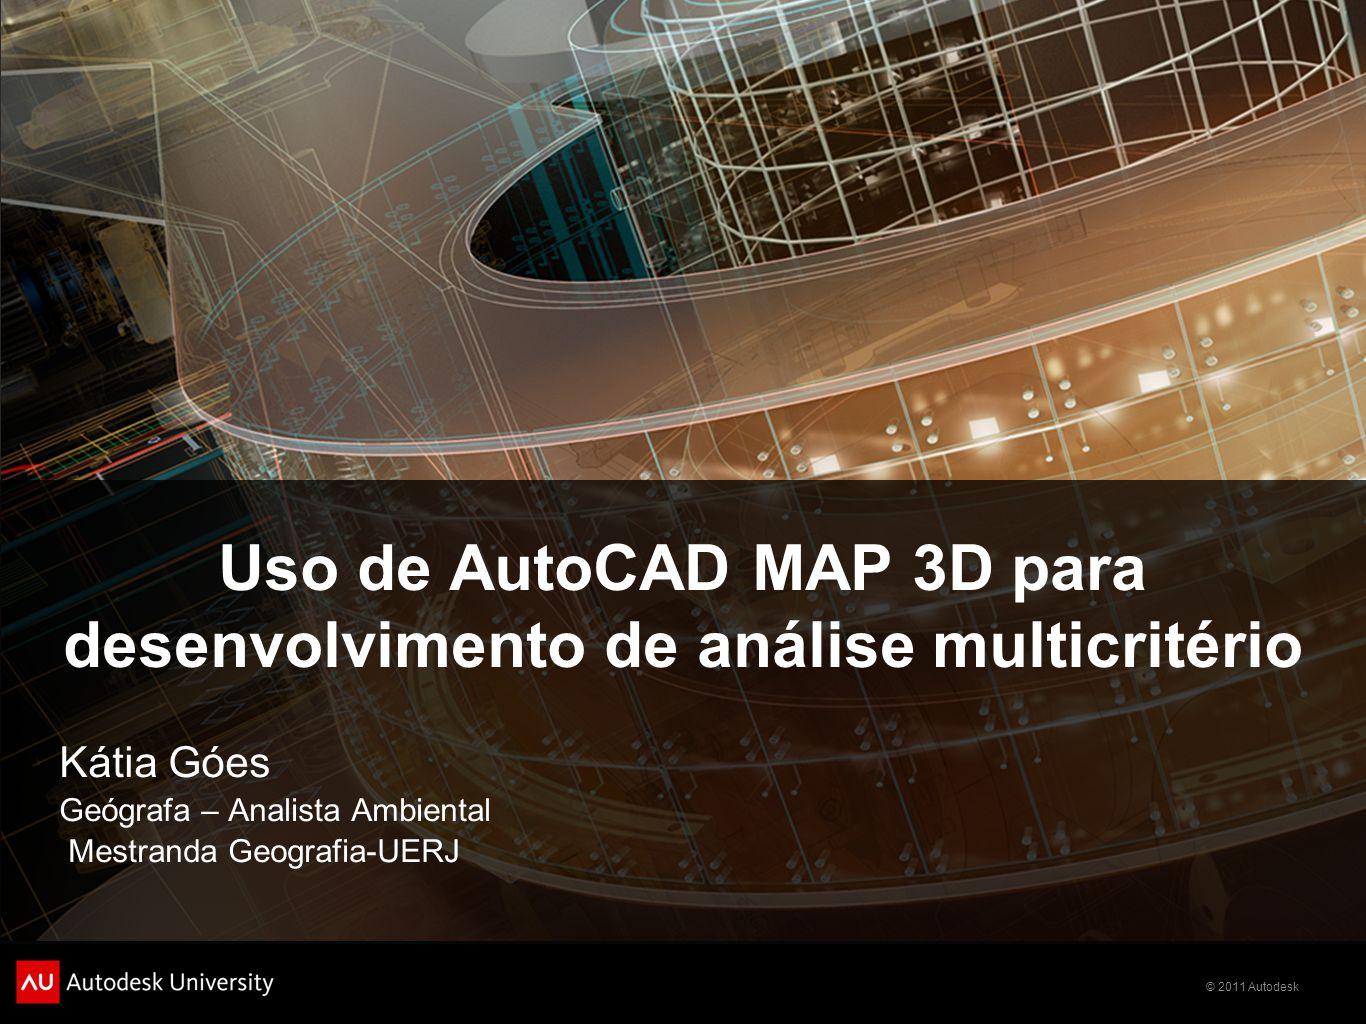 Uso de AutoCAD MAP 3D para desenvolvimento de análise multicritério